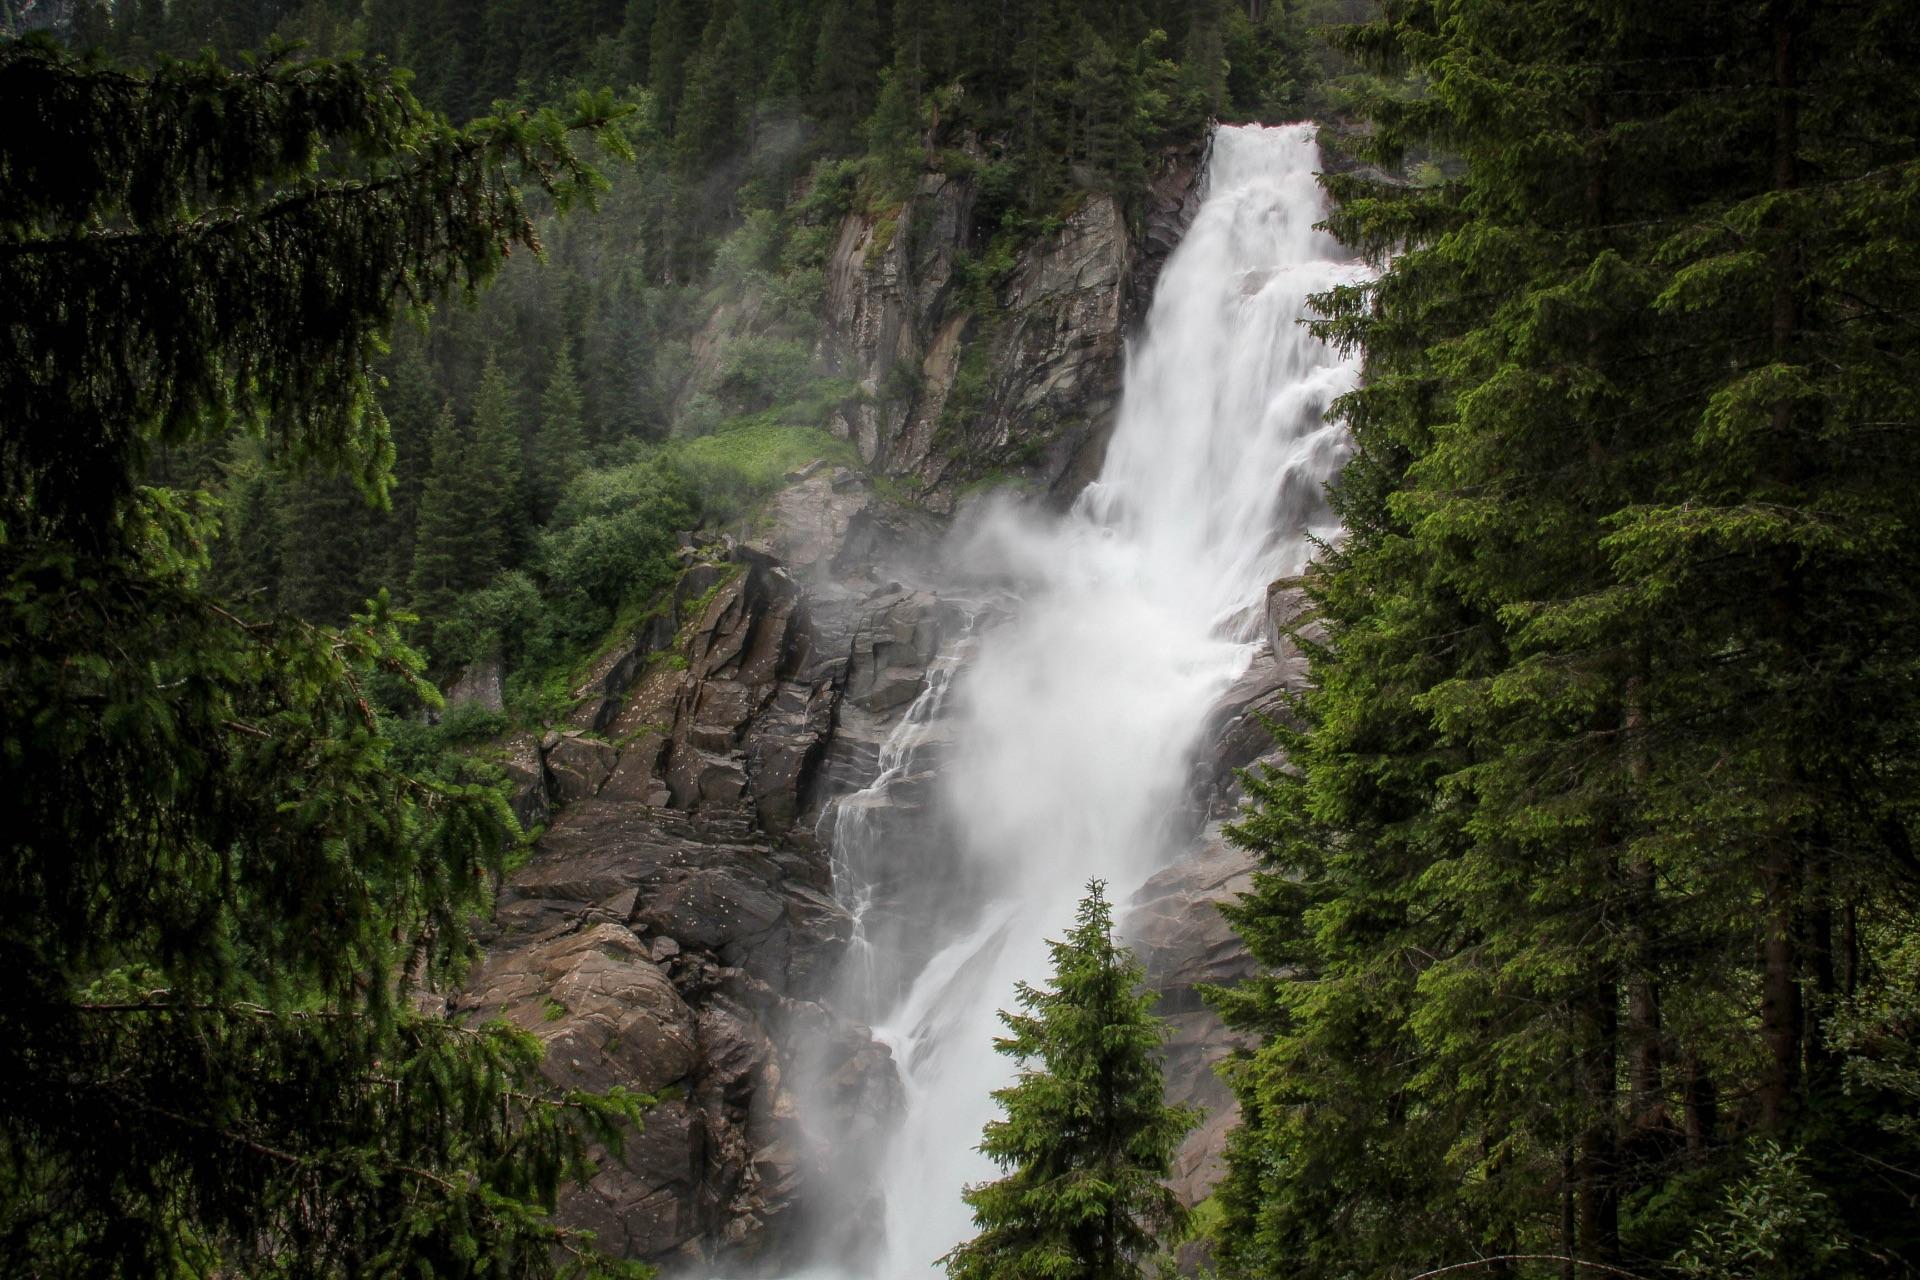 Krimml Falls